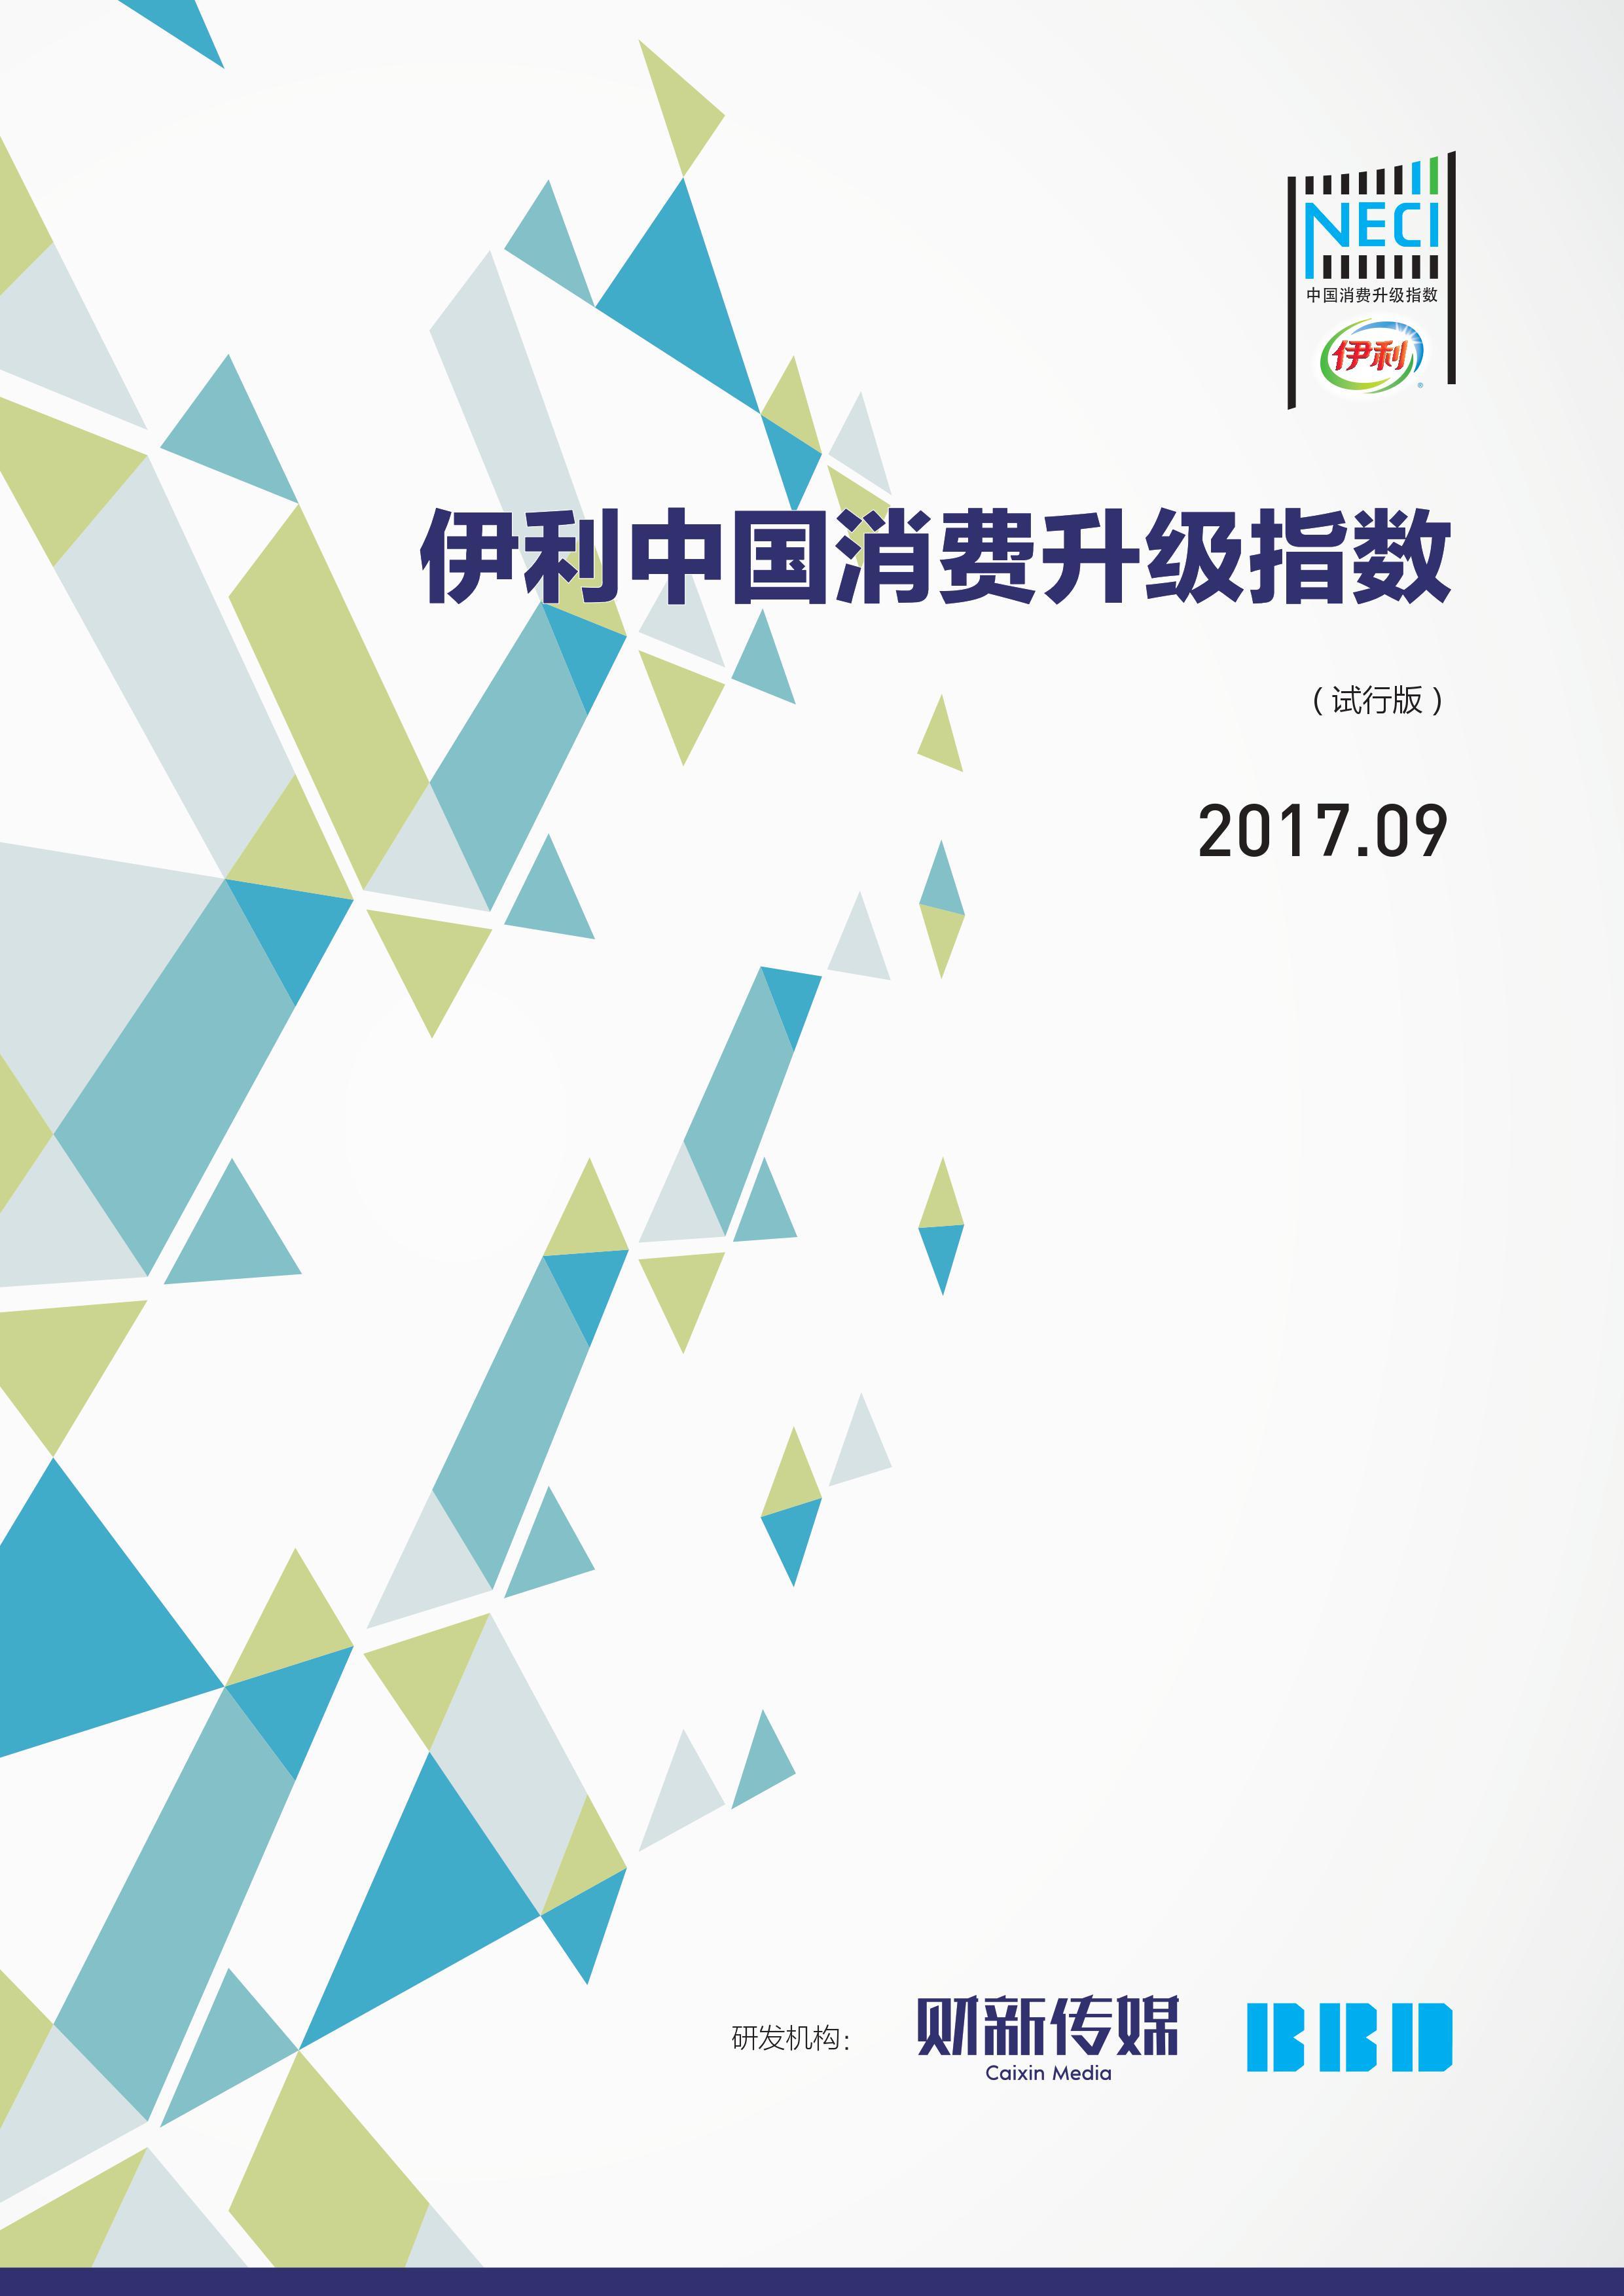 伊利中国消费升级指数报告